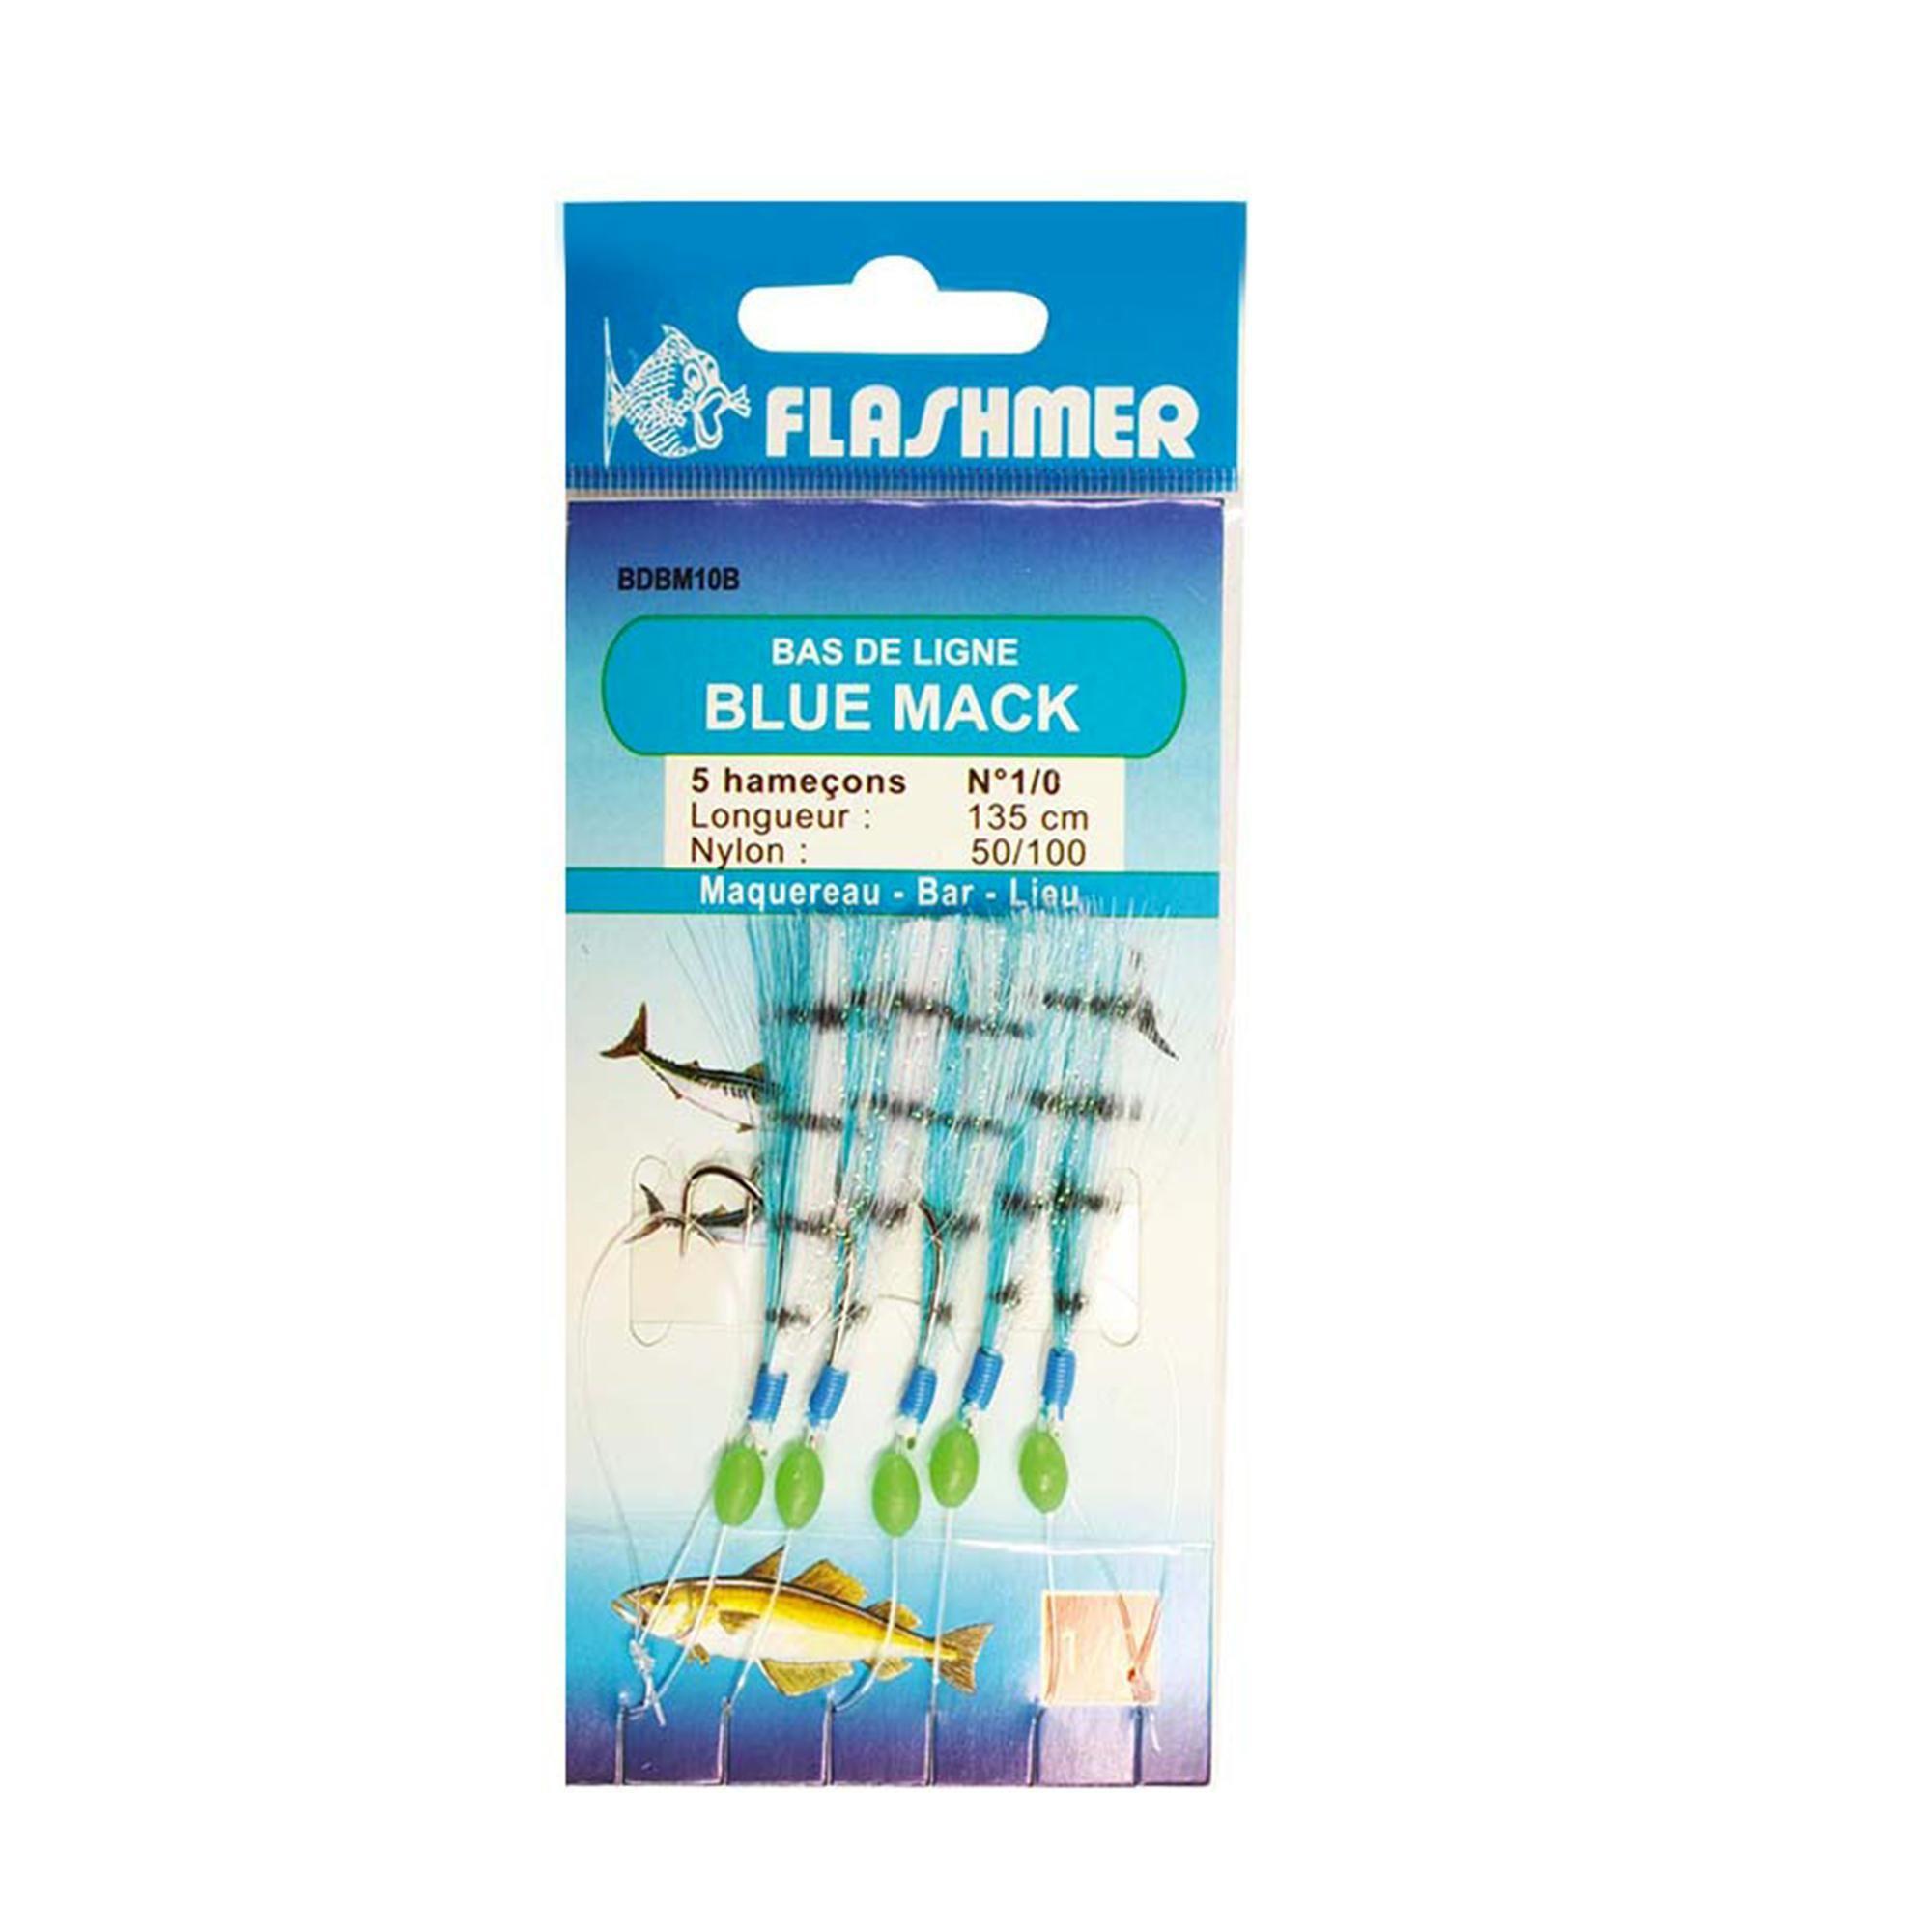 Bas de ligne Blue mac 5 hameçons 1/0 vert pêche en mer Ce bas de ligne est conçu pour la pêche du bar et des autres carnassiers marins. Ce bas de ligne est spécialement conçu pour la pêche des gros poissons. Ces 5 plumes imitent des petits maquereaux dont les prédateurs raffolent..Pour les gros poissons